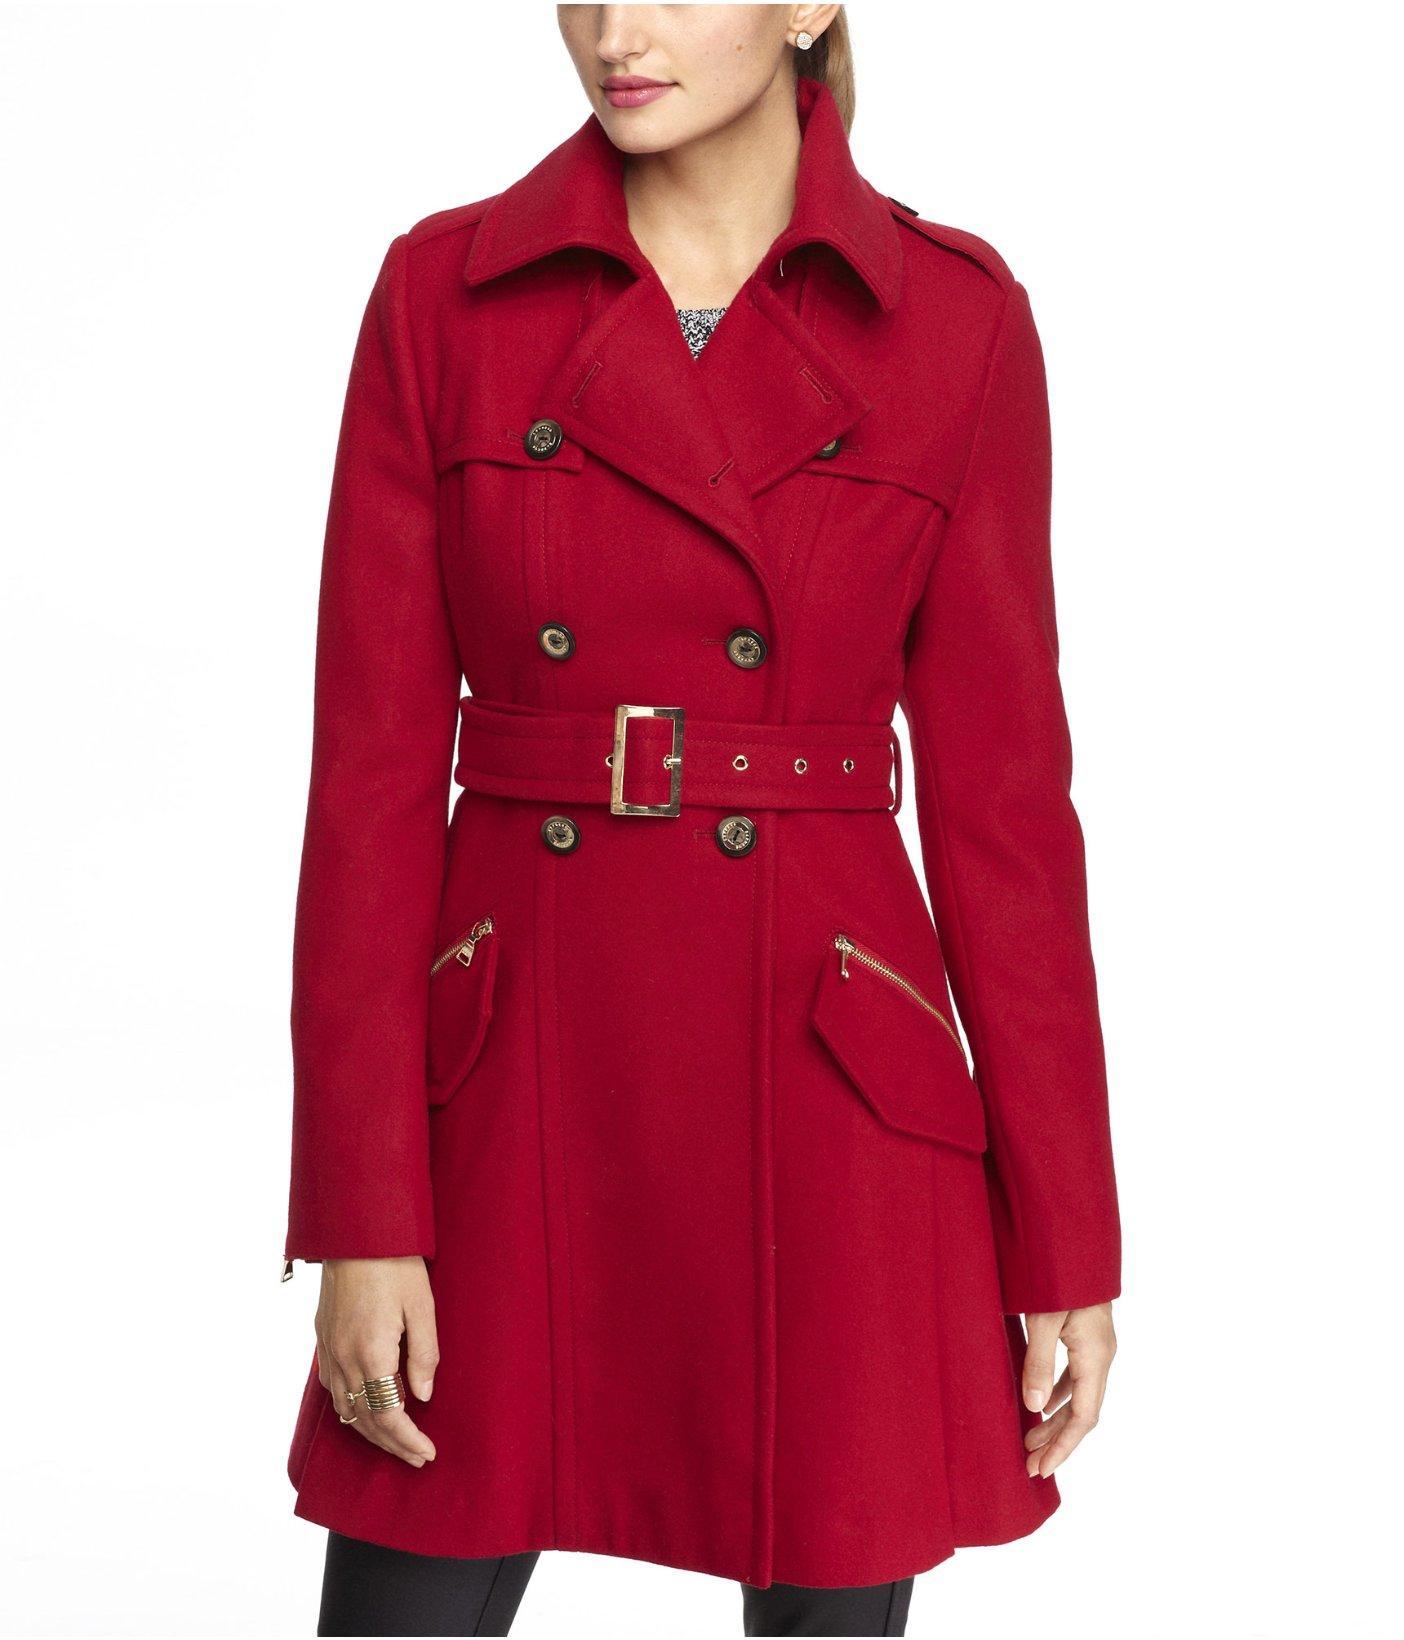 Coat express